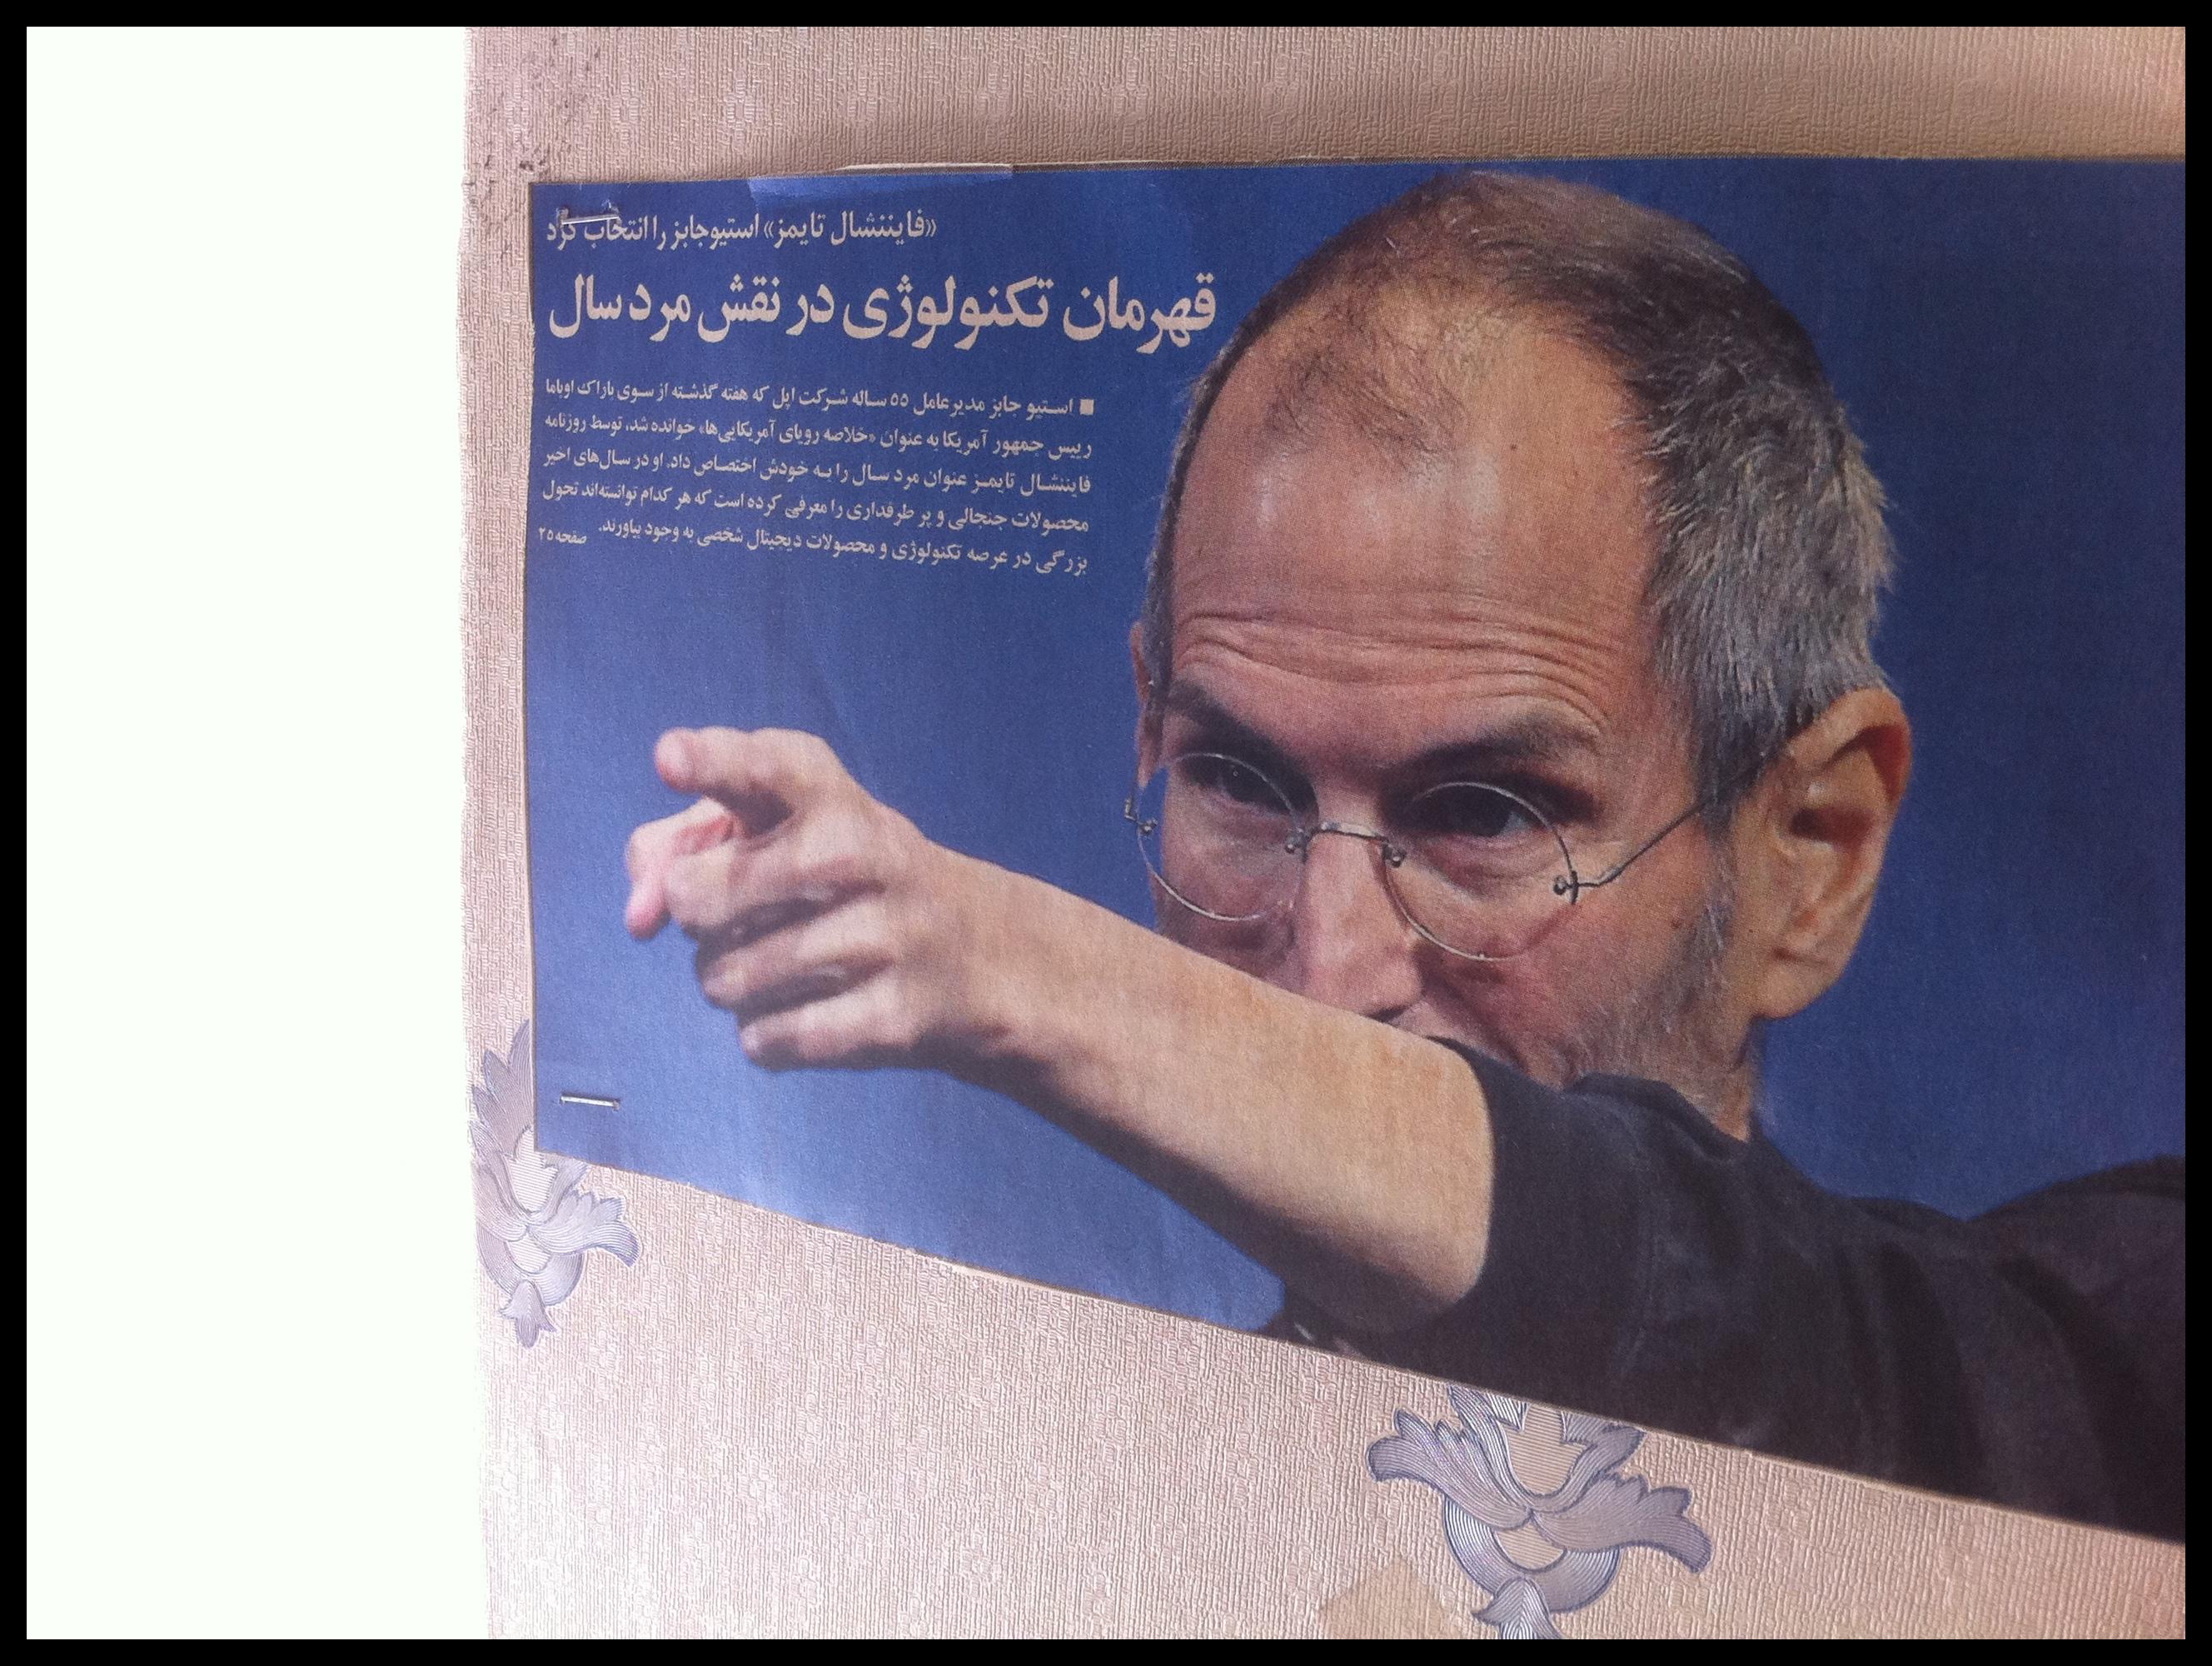 تصویر استیو جابز، چاپشده در روزنامۀ دنیای اقتصاد؛ که بر دیوار اتاق من است